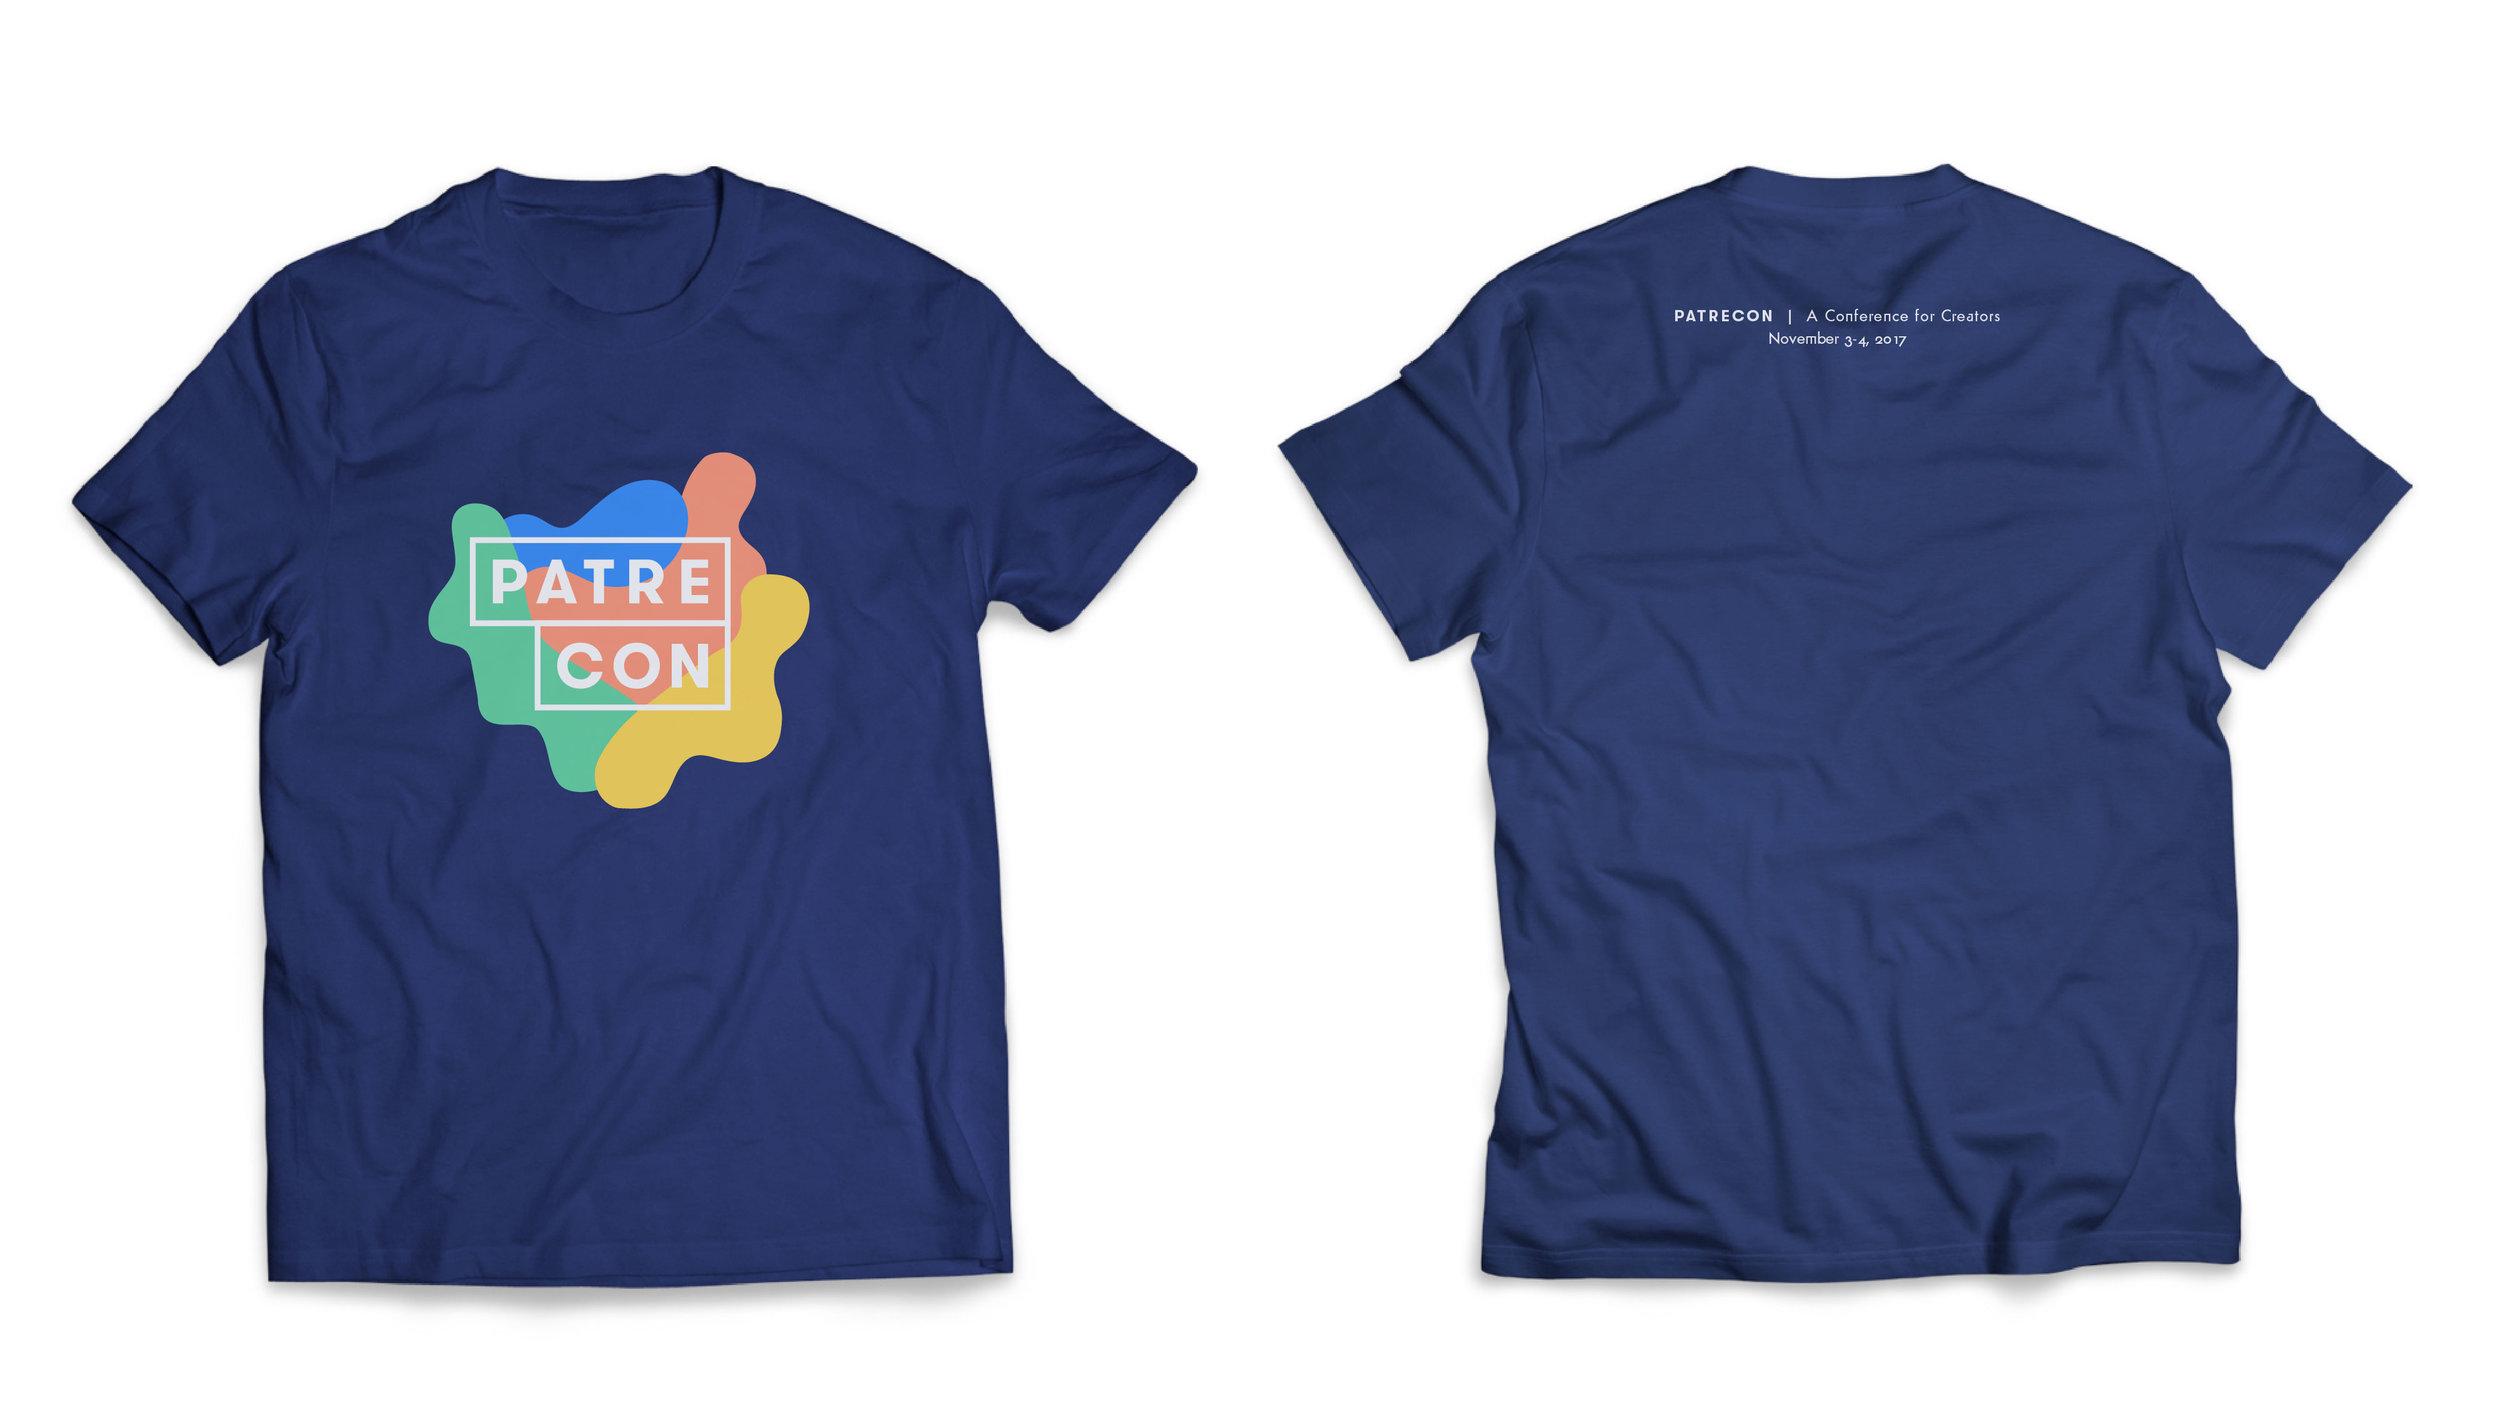 AGR_PTC_shirt-15.jpg